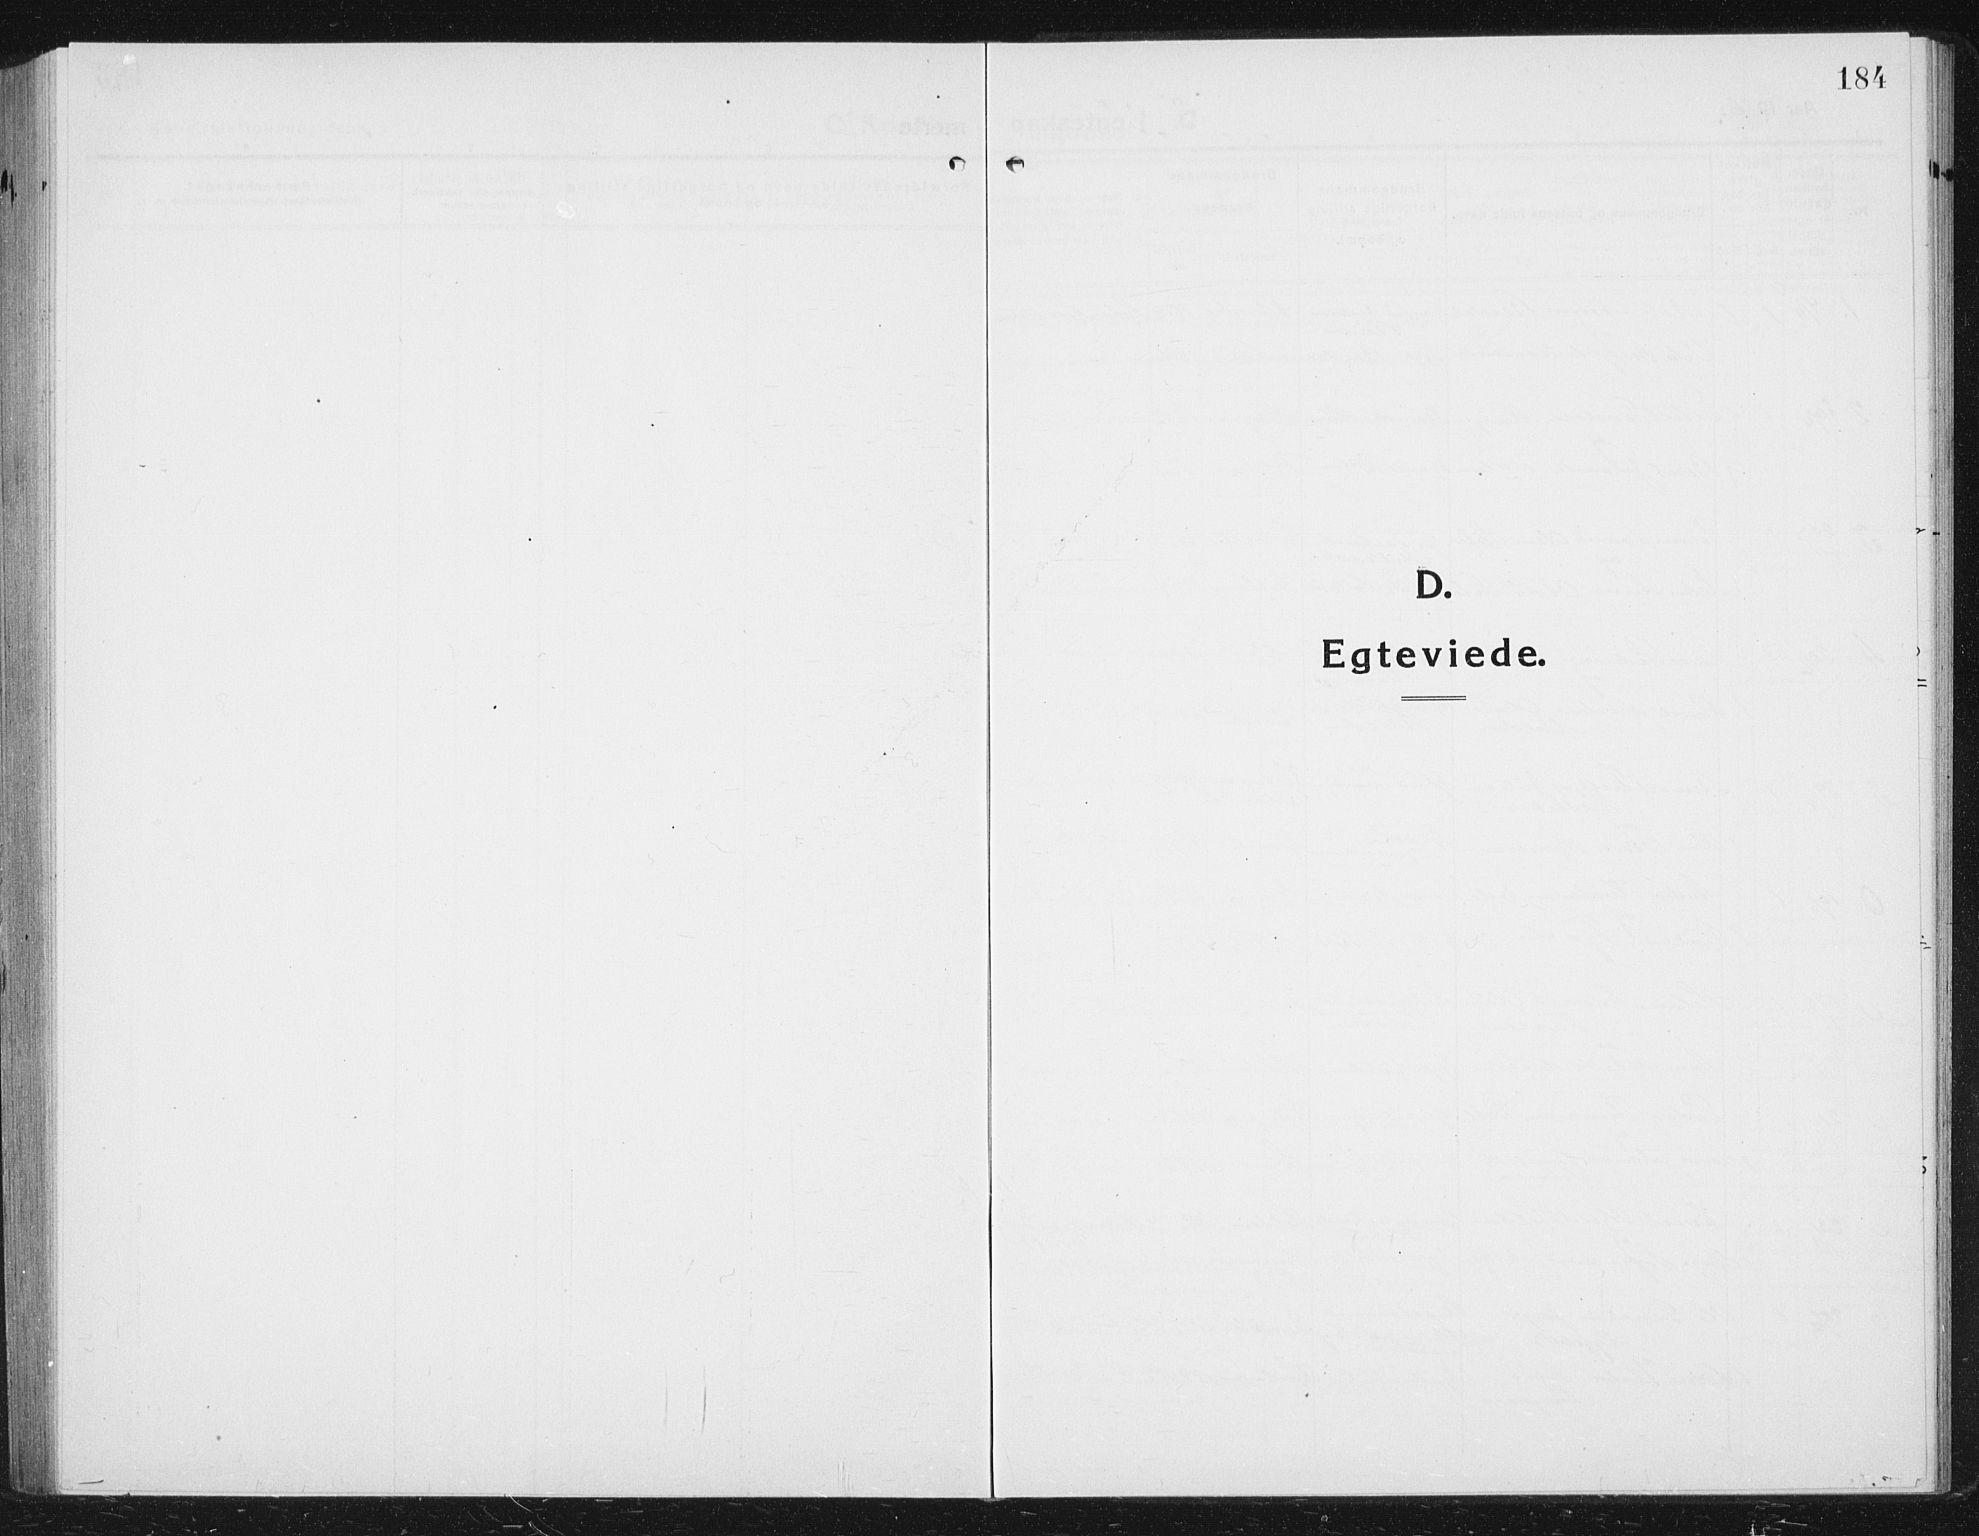 SAT, Ministerialprotokoller, klokkerbøker og fødselsregistre - Sør-Trøndelag, 630/L0506: Klokkerbok nr. 630C04, 1914-1933, s. 184